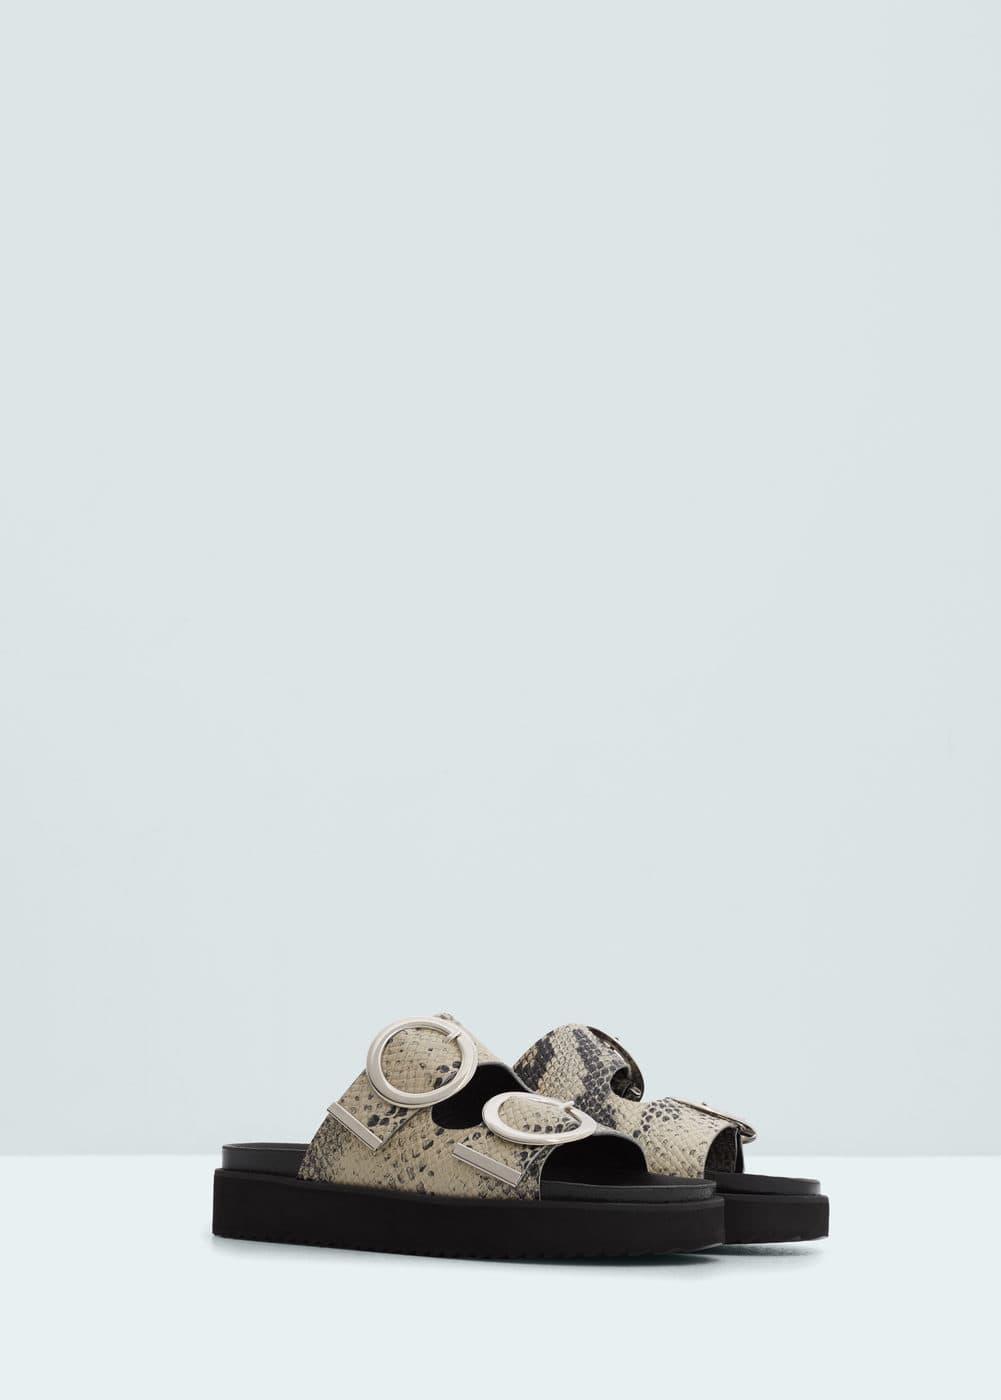 Sandalia hebillas piel | MANGO